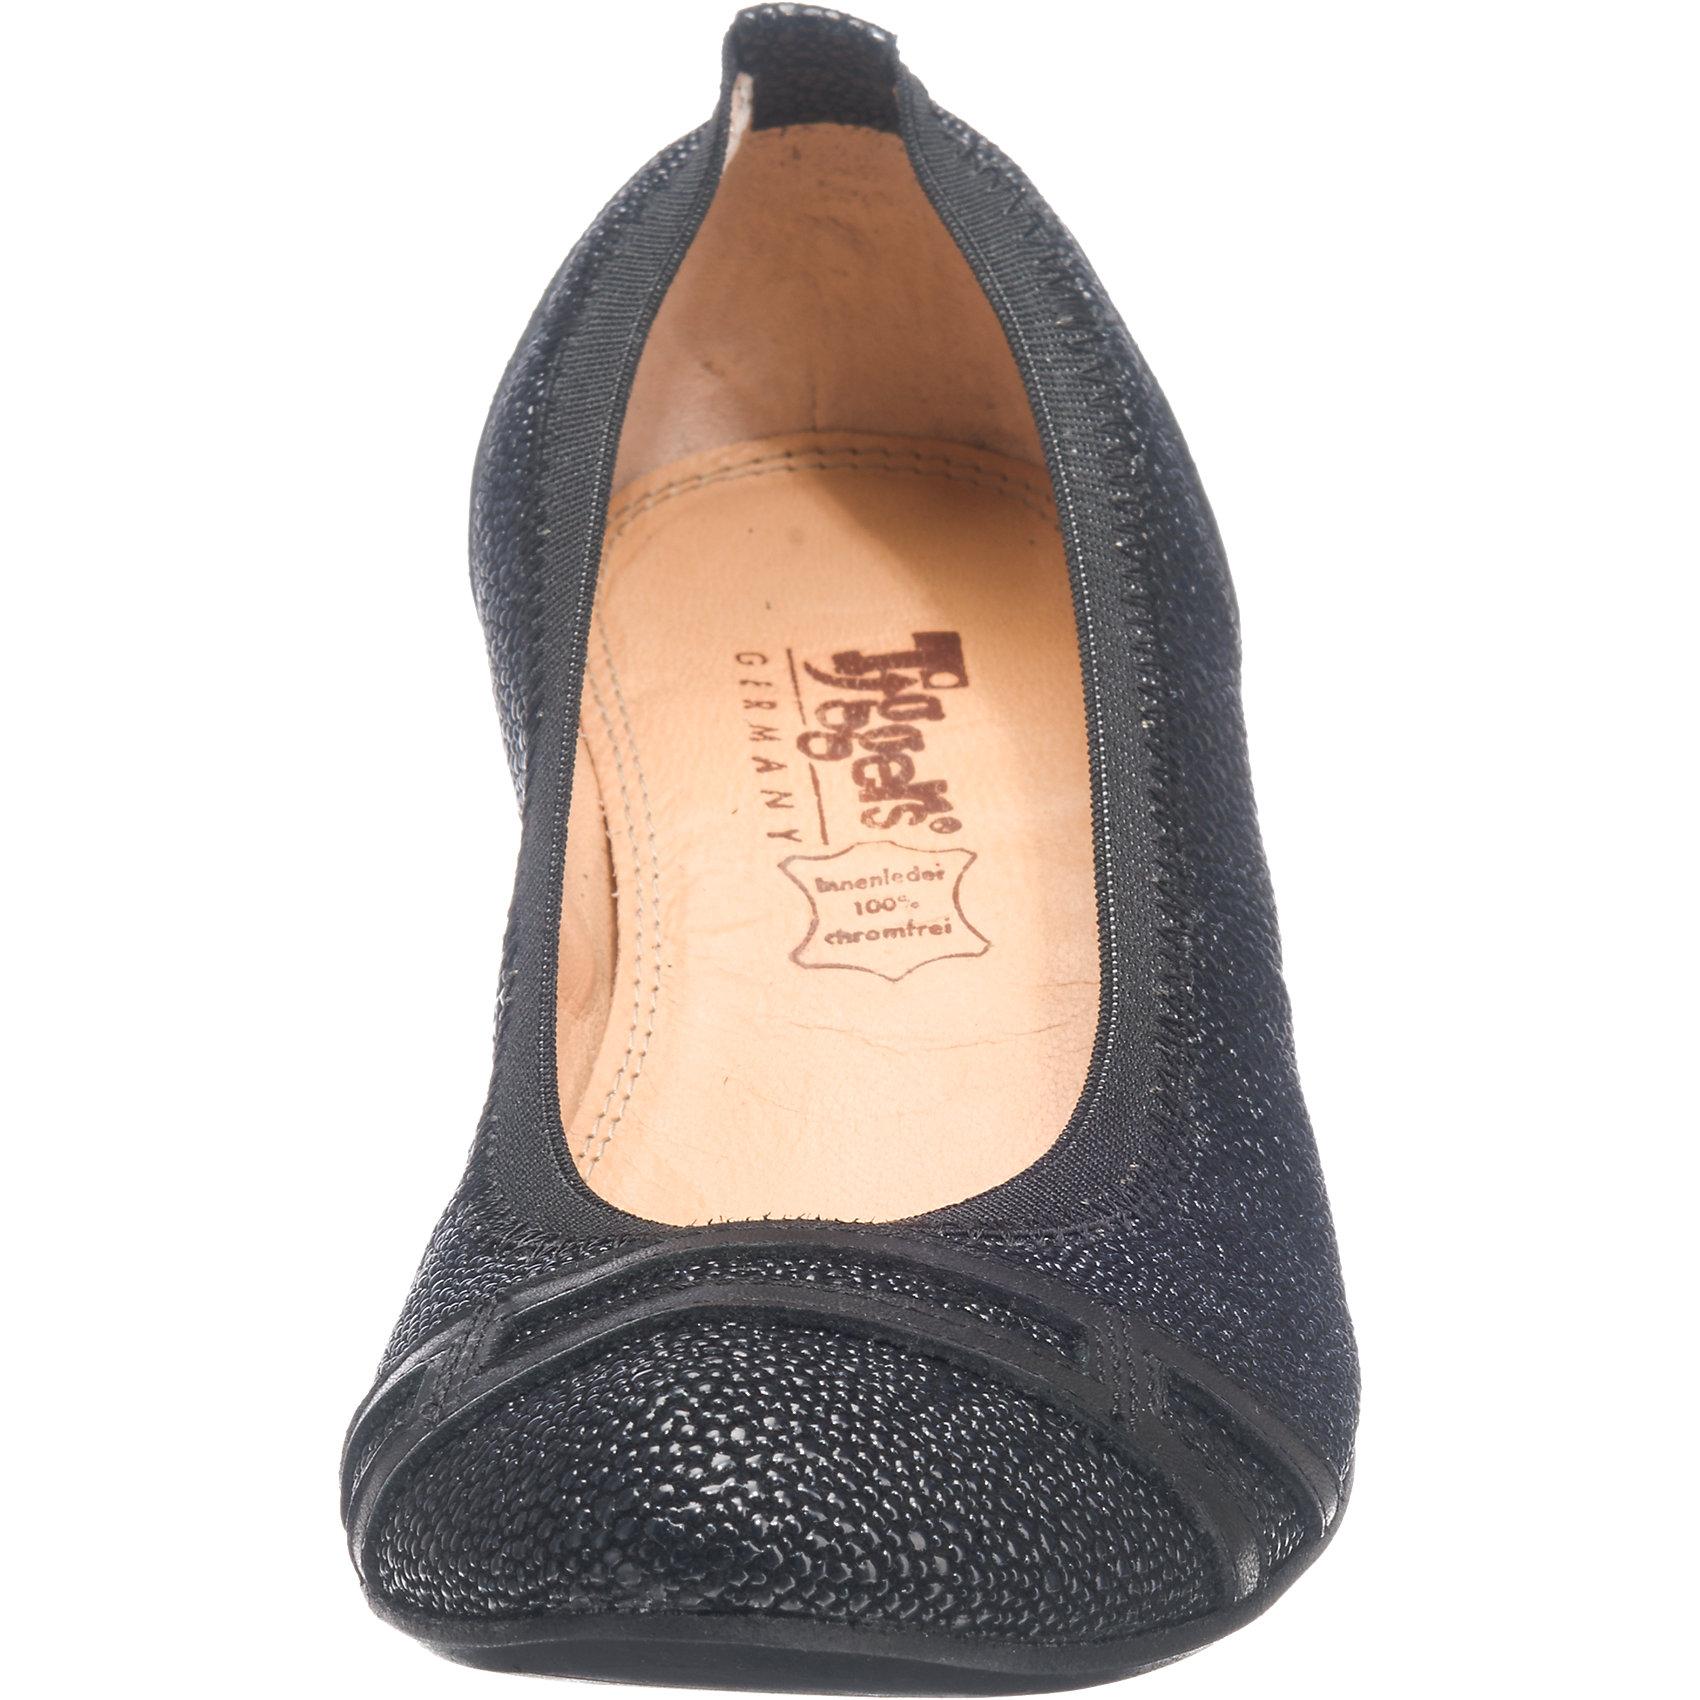 Neu Tiggers® Ballerinas Sunny Ballerinas Tiggers® 5778318 für Damen schwarz d44366